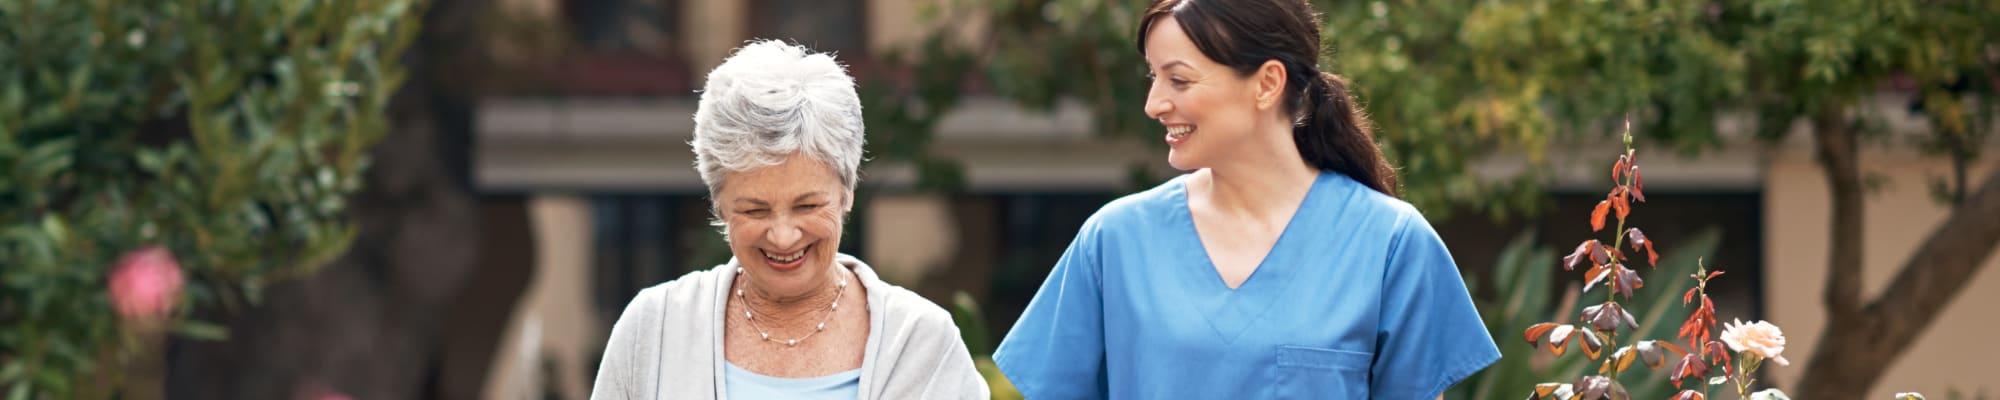 Memory care at CERTUS Premier Memory Care Living in Mount Dora, Florida.